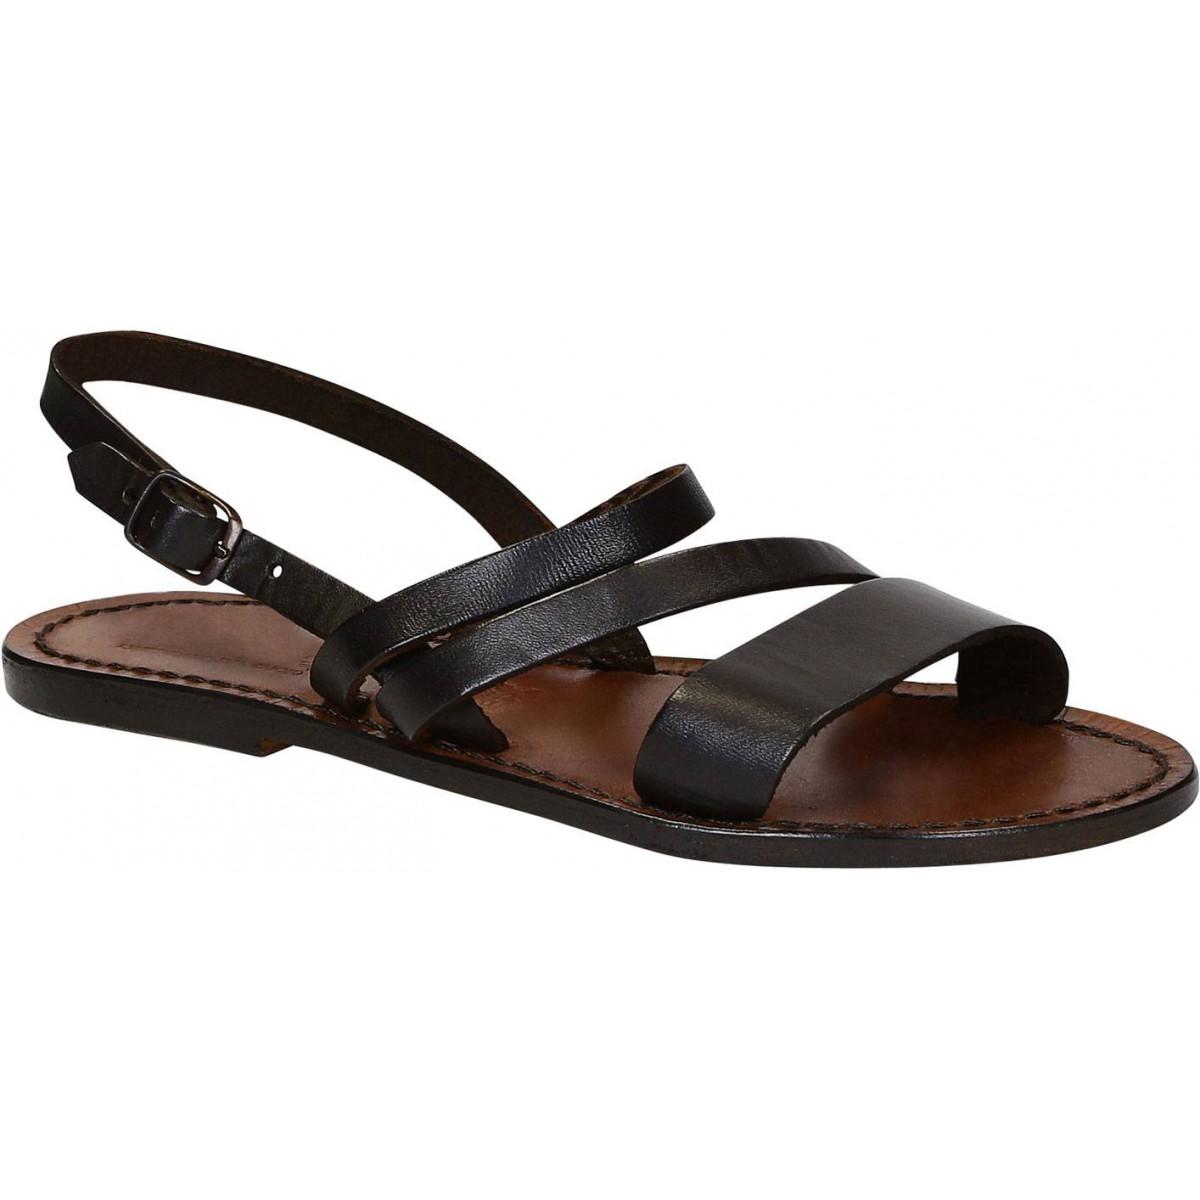 large choix de designs vente chaude pas cher taille 40 Sandale plate pour femme en cuir marron artisanales